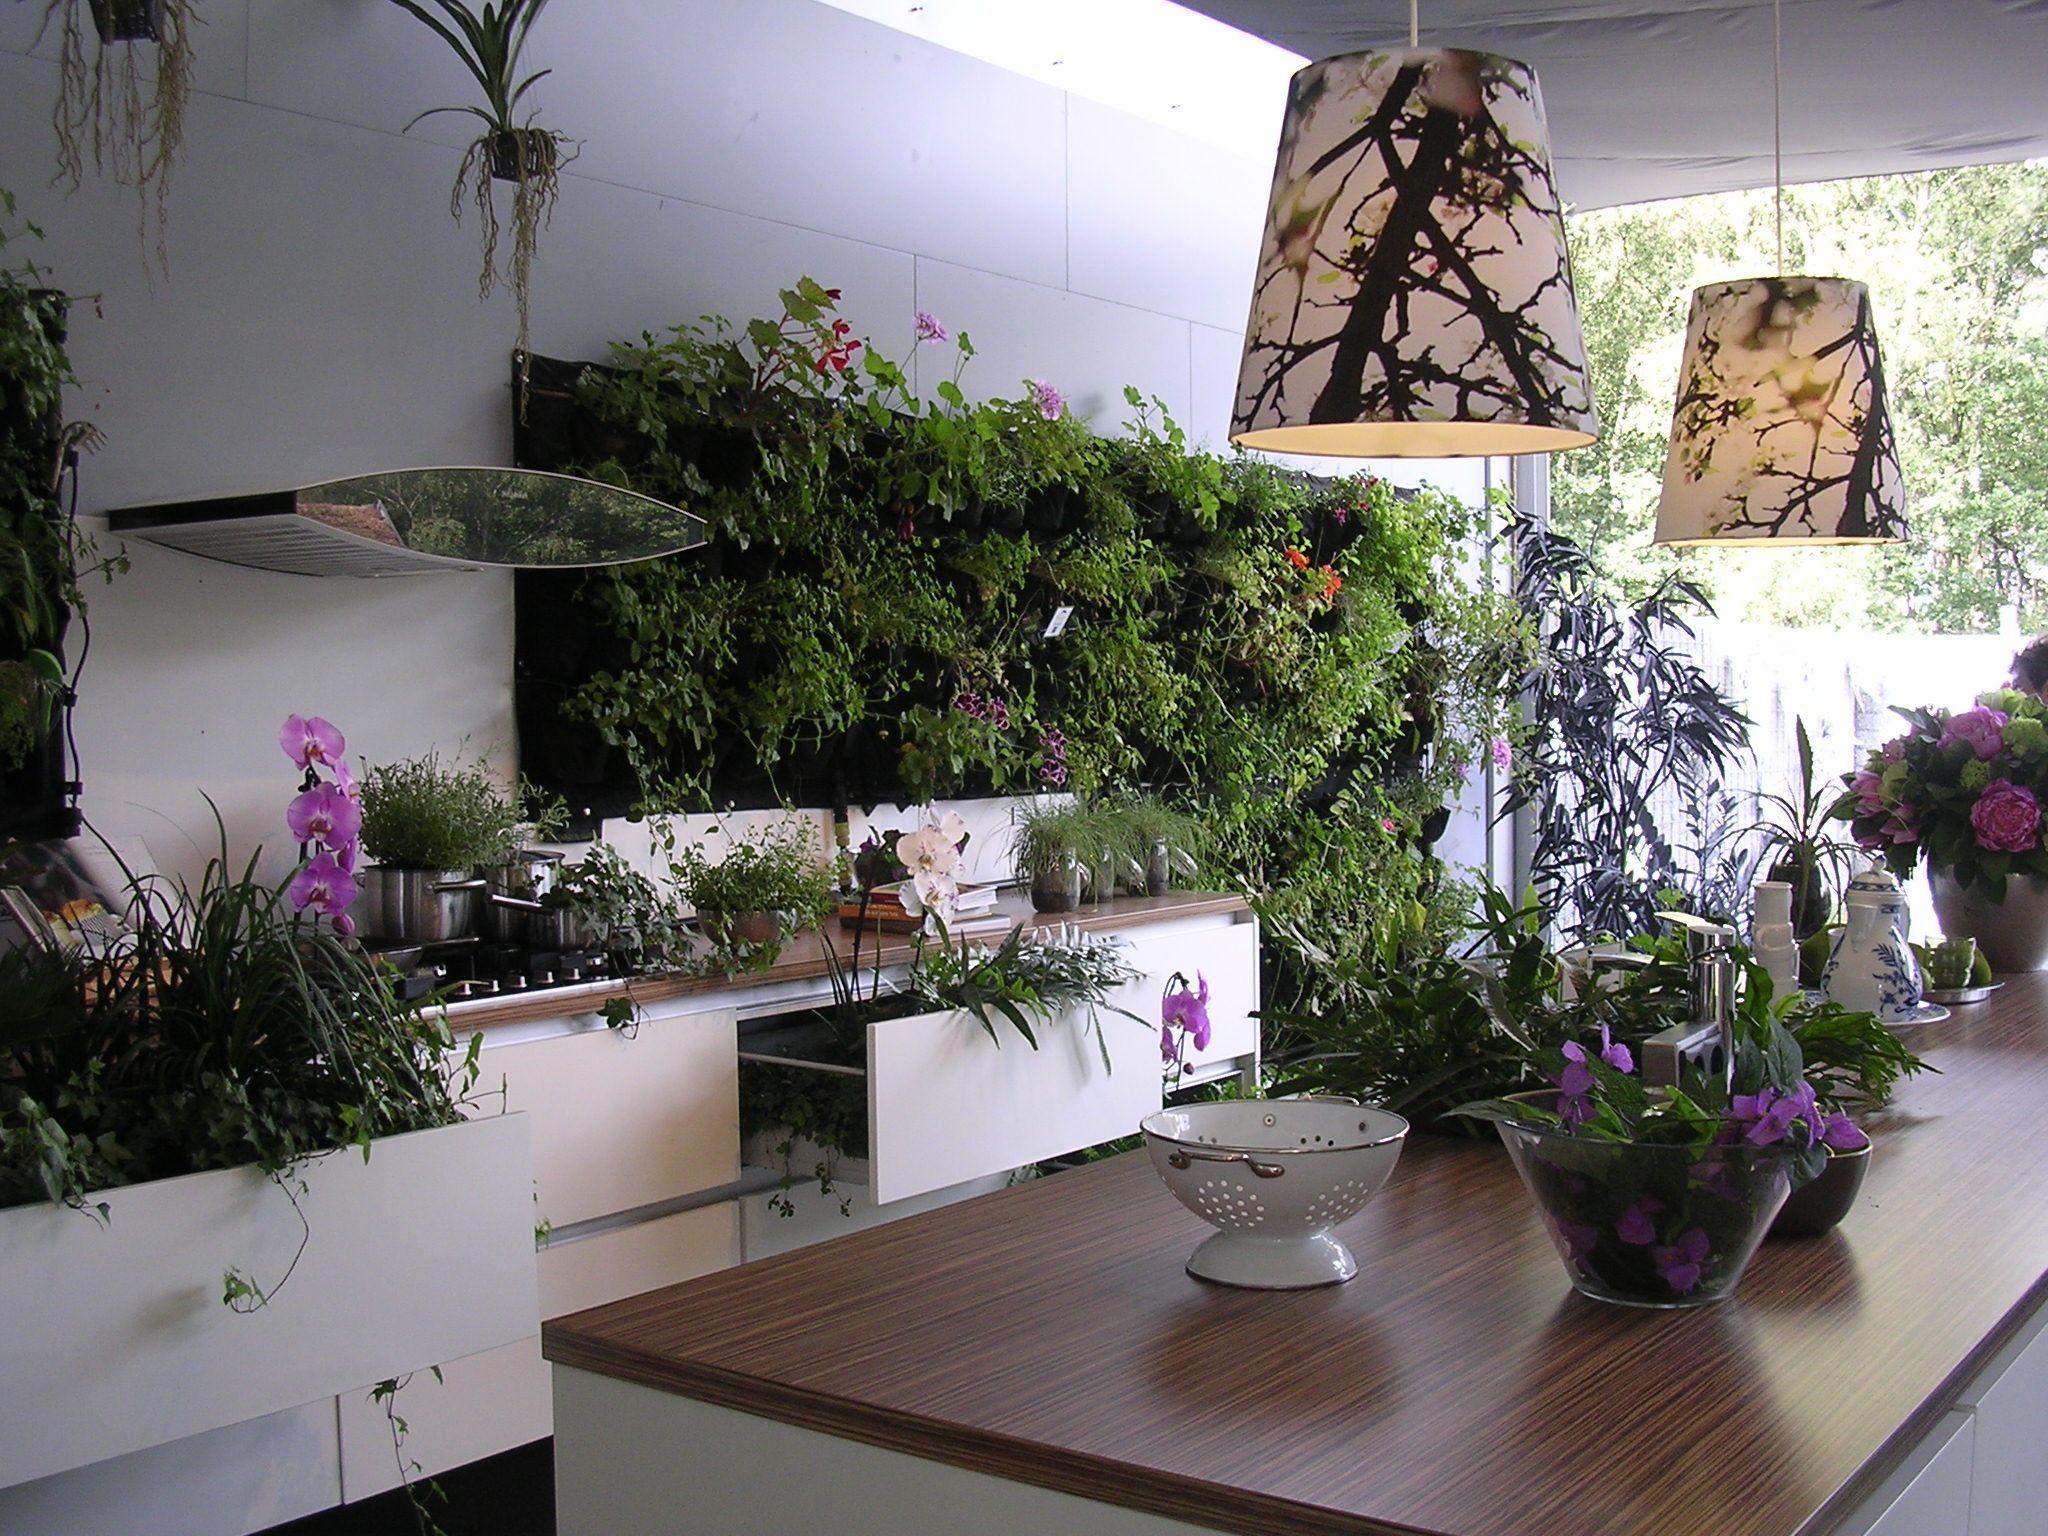 De toekomst van de groene woonkamer   architectuur.nl